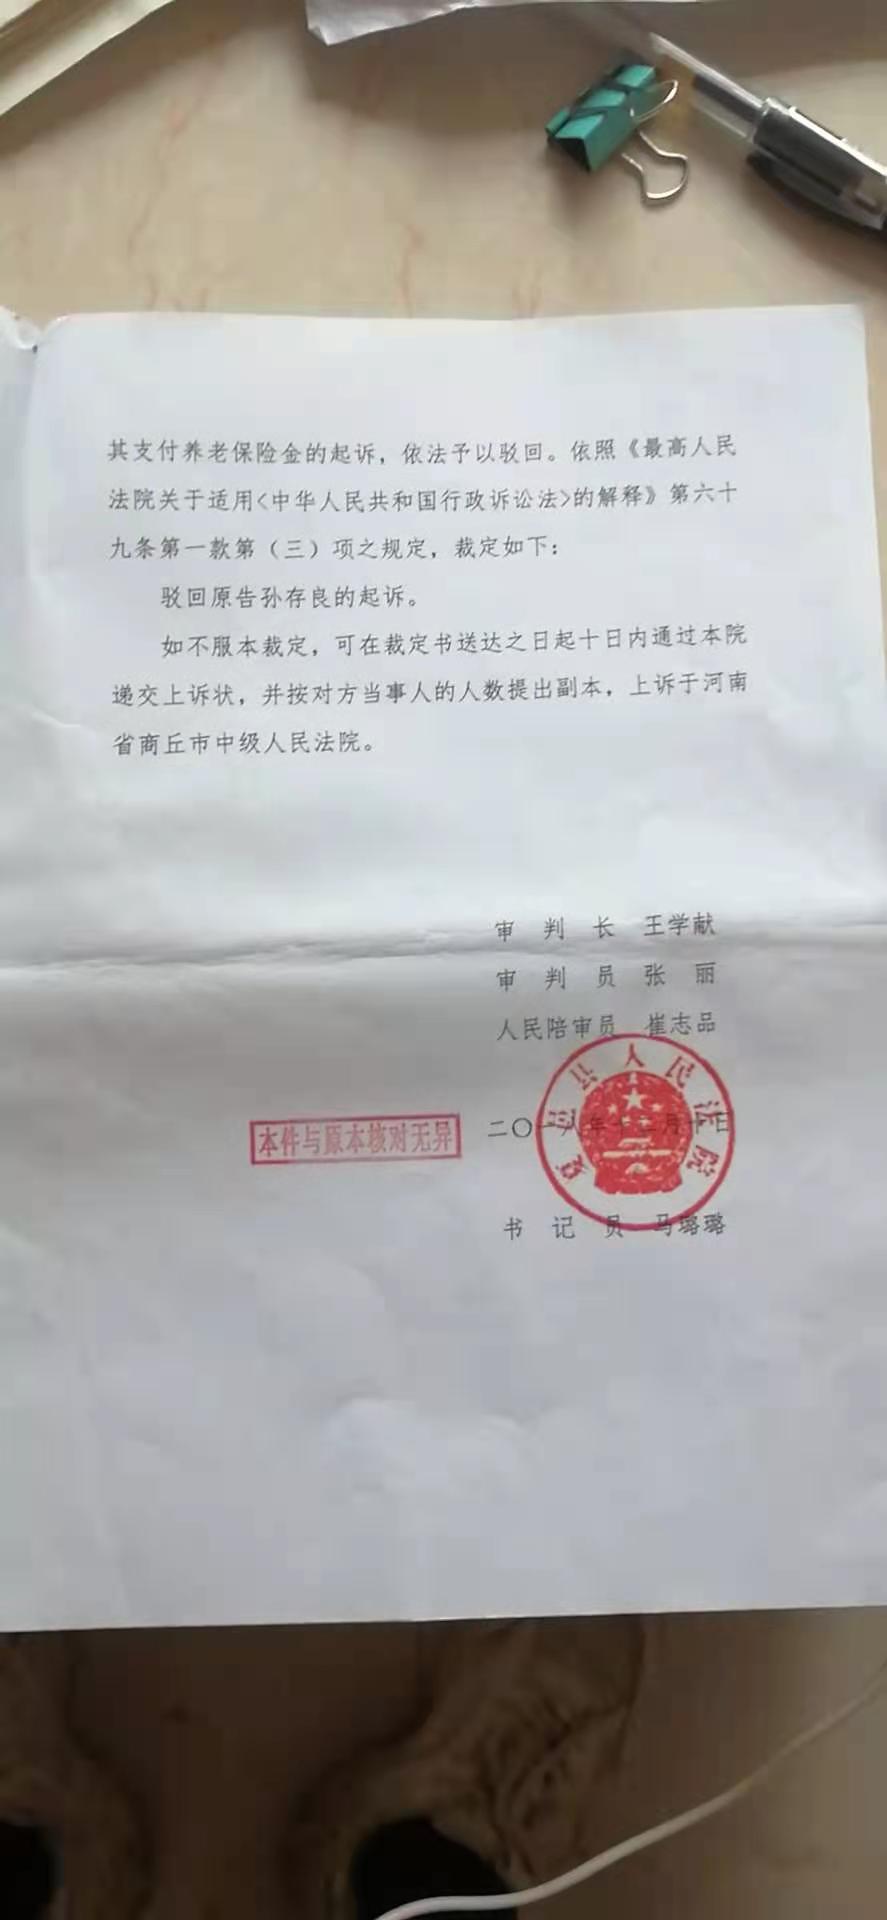 夏邑县人民法院驳回孙存良的起诉。 受访者供图